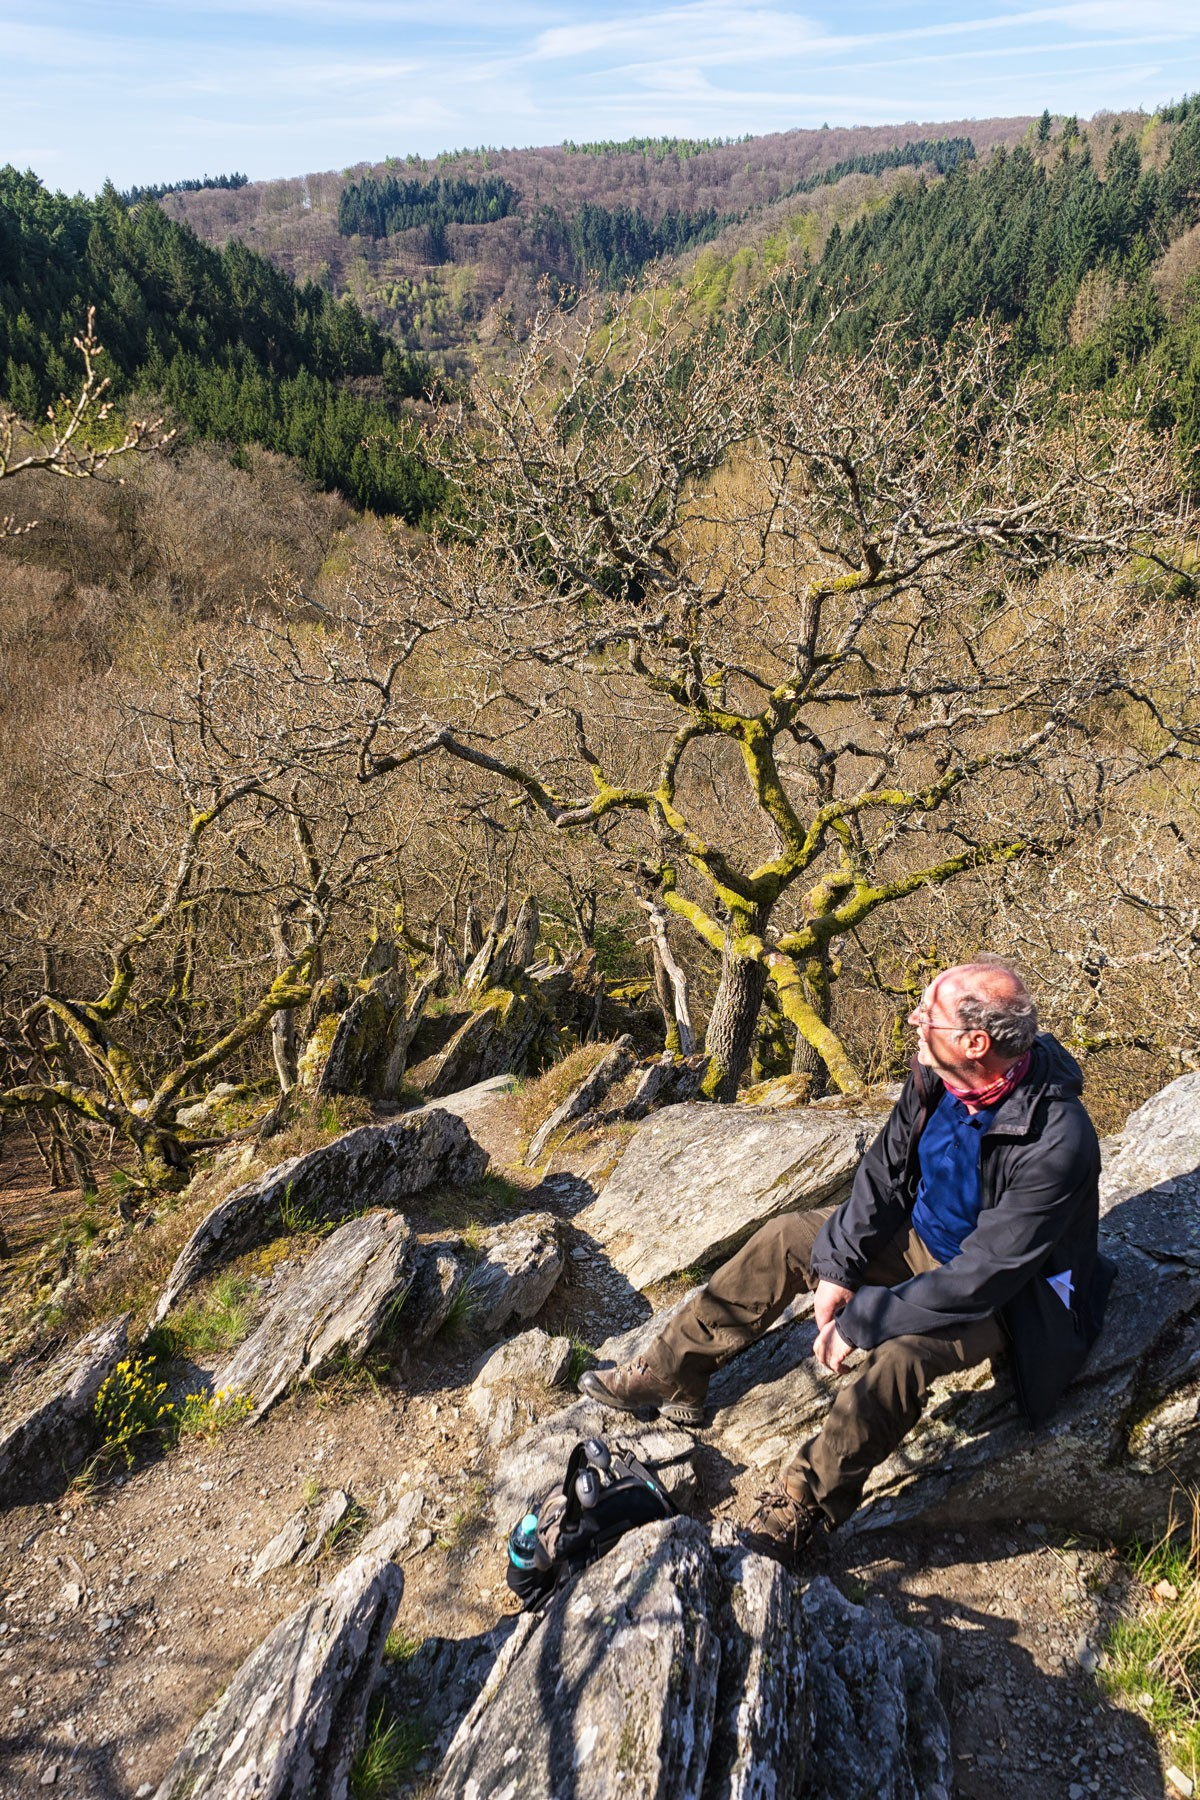 Wispertalsteig — Vom Wandern habe ich genug, nun schlendere ich